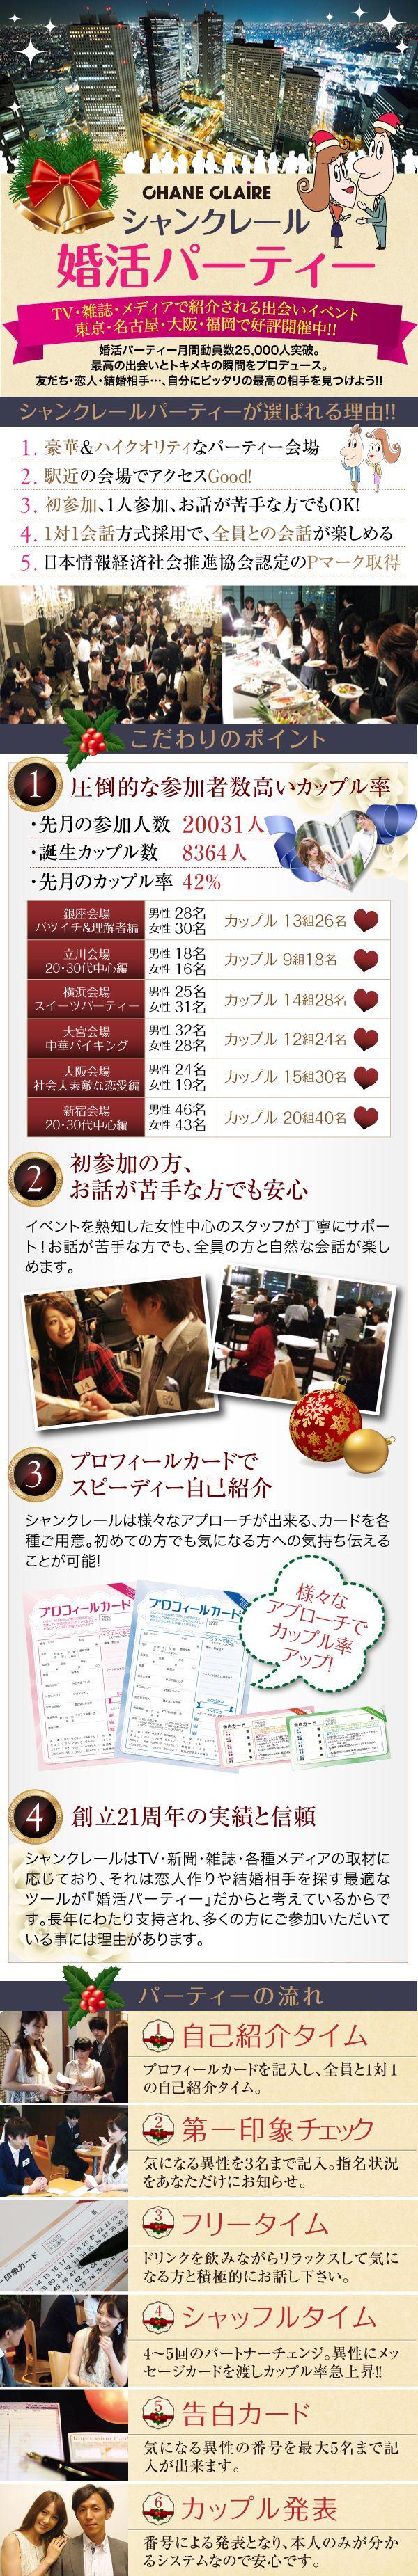 クリスマスshinjuku